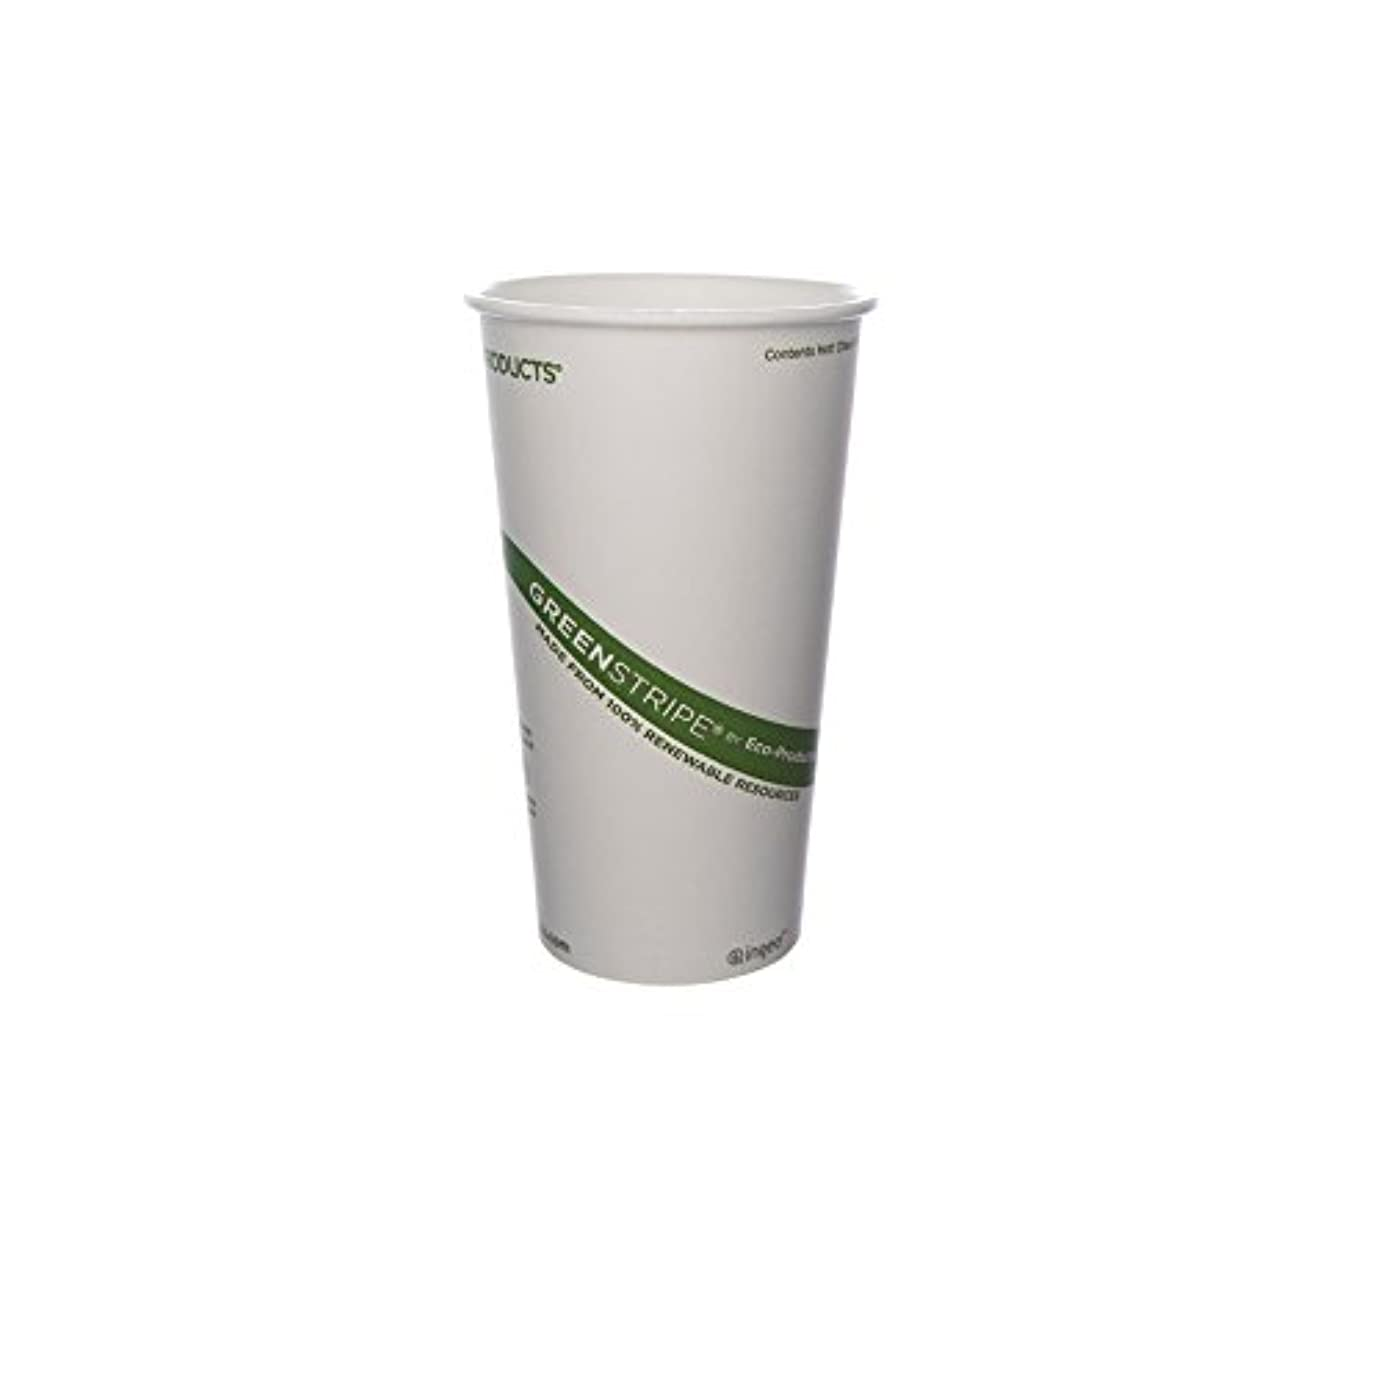 恵みバトルヘクタールEco-Products 20 oz GreenStripe Hot Cup - Case of 1000